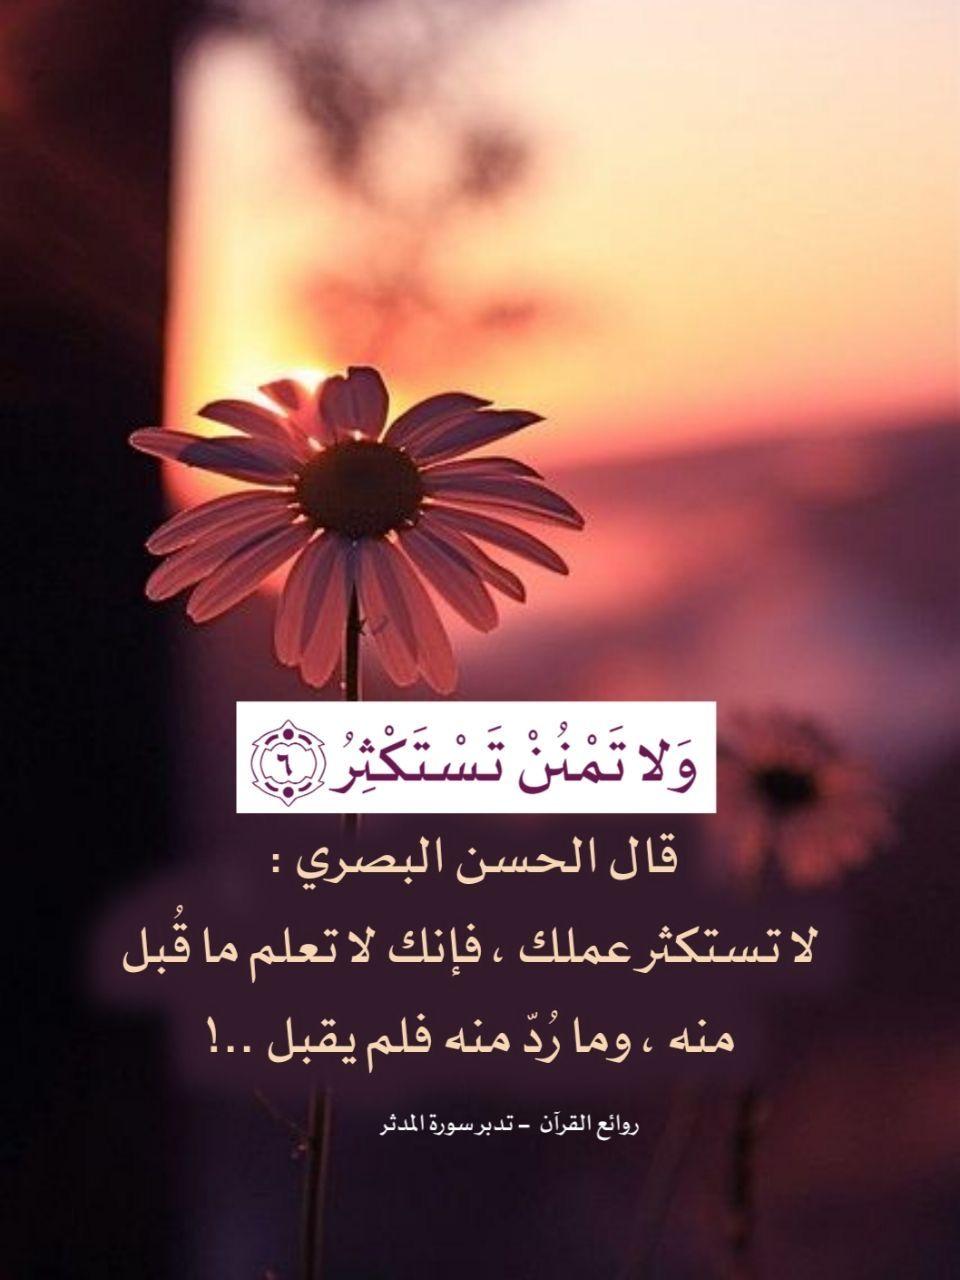 اللهم تقبل منا صالح الاعمال واغفر لنا ذنوبنا وكفر عنا سيئاتنا وتب علينا انك انت التواب الرحيم Quran Quotes Islamic Messages Islamic Quotes